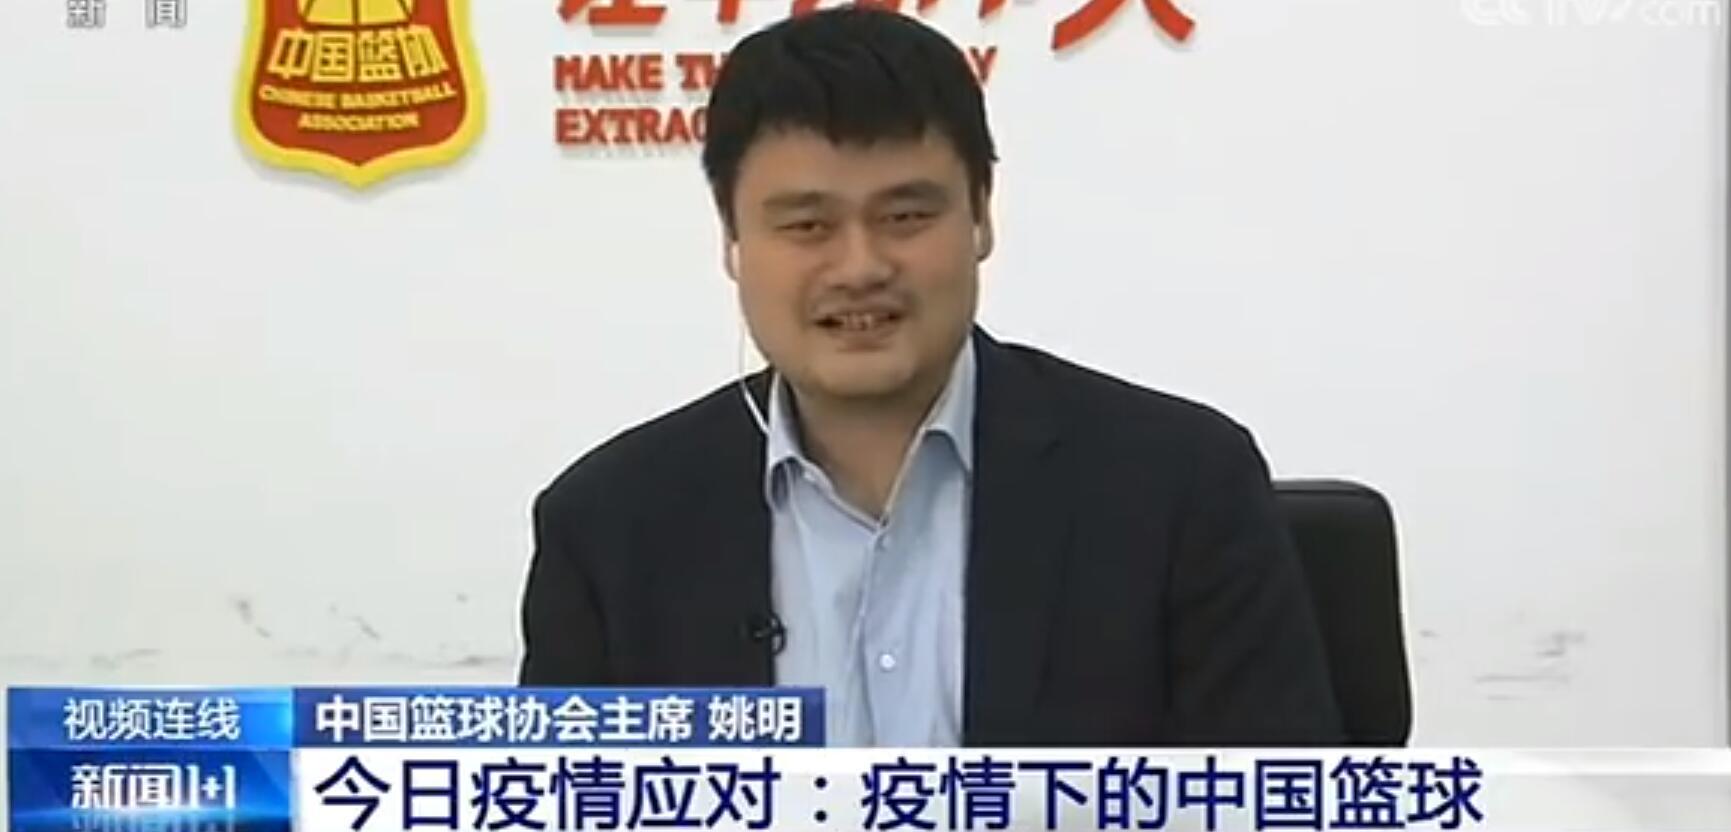 姚明批准央视采访。